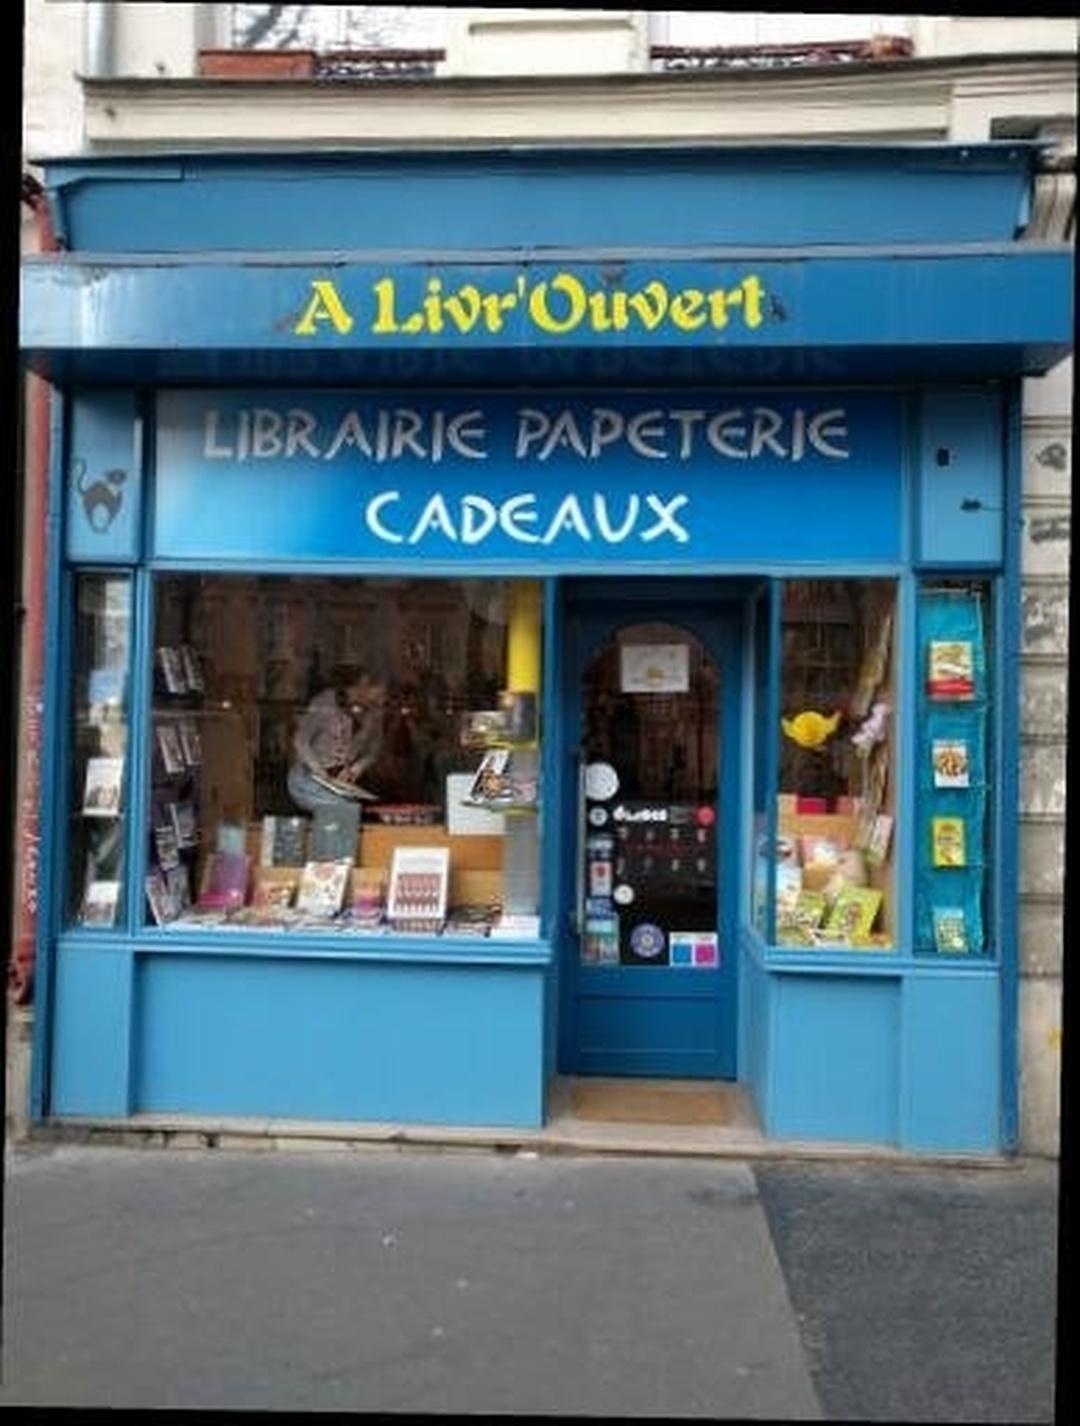 Foto del 24 de mayo de 2016 22:49, Bookstore Livr'Ouvert, 171 bis Boulevard Voltaire, 75011 Paris, Francia